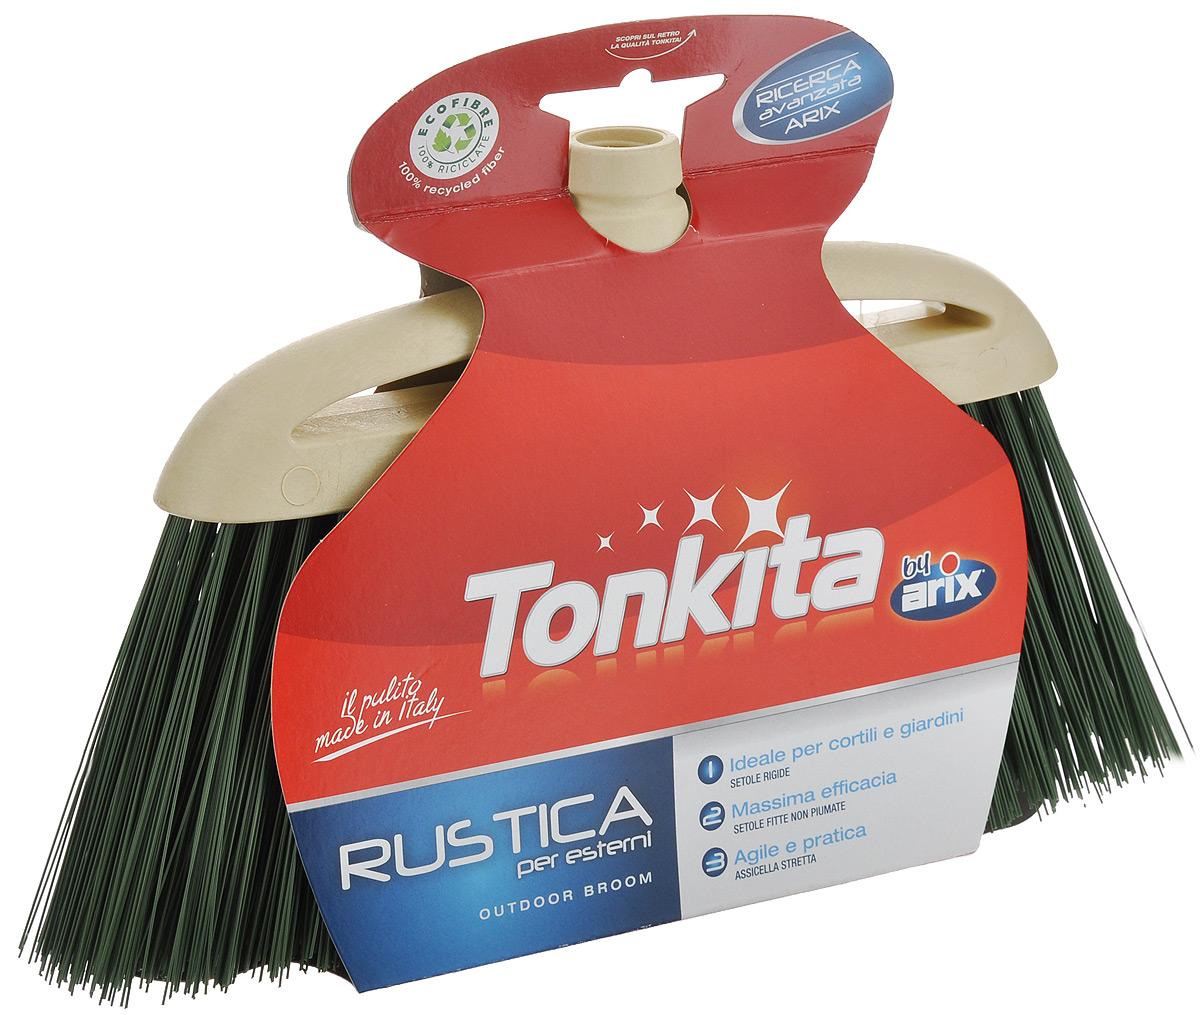 Щетка-насадка Tonkita Рустика для уборки мусора, цвет: бежевый, зеленыйTK630Щетка-насадка Tonkita Рустика, изготовленная из прочного полипропилена, предназначена для уборки в доме и на улице. Упругие и длинные волоски щетки-насадки не оставят от грязи и следа. Оригинальная, современная щетка для швабры, которую можно подобрать к любому интерьеру, сделает уборку эффективнее и приятнее.Универсальная резьба подходит ко всем видам ручек.Размер щетки-насадки: 33 см х 9 см.Длина ворса: 12 см.